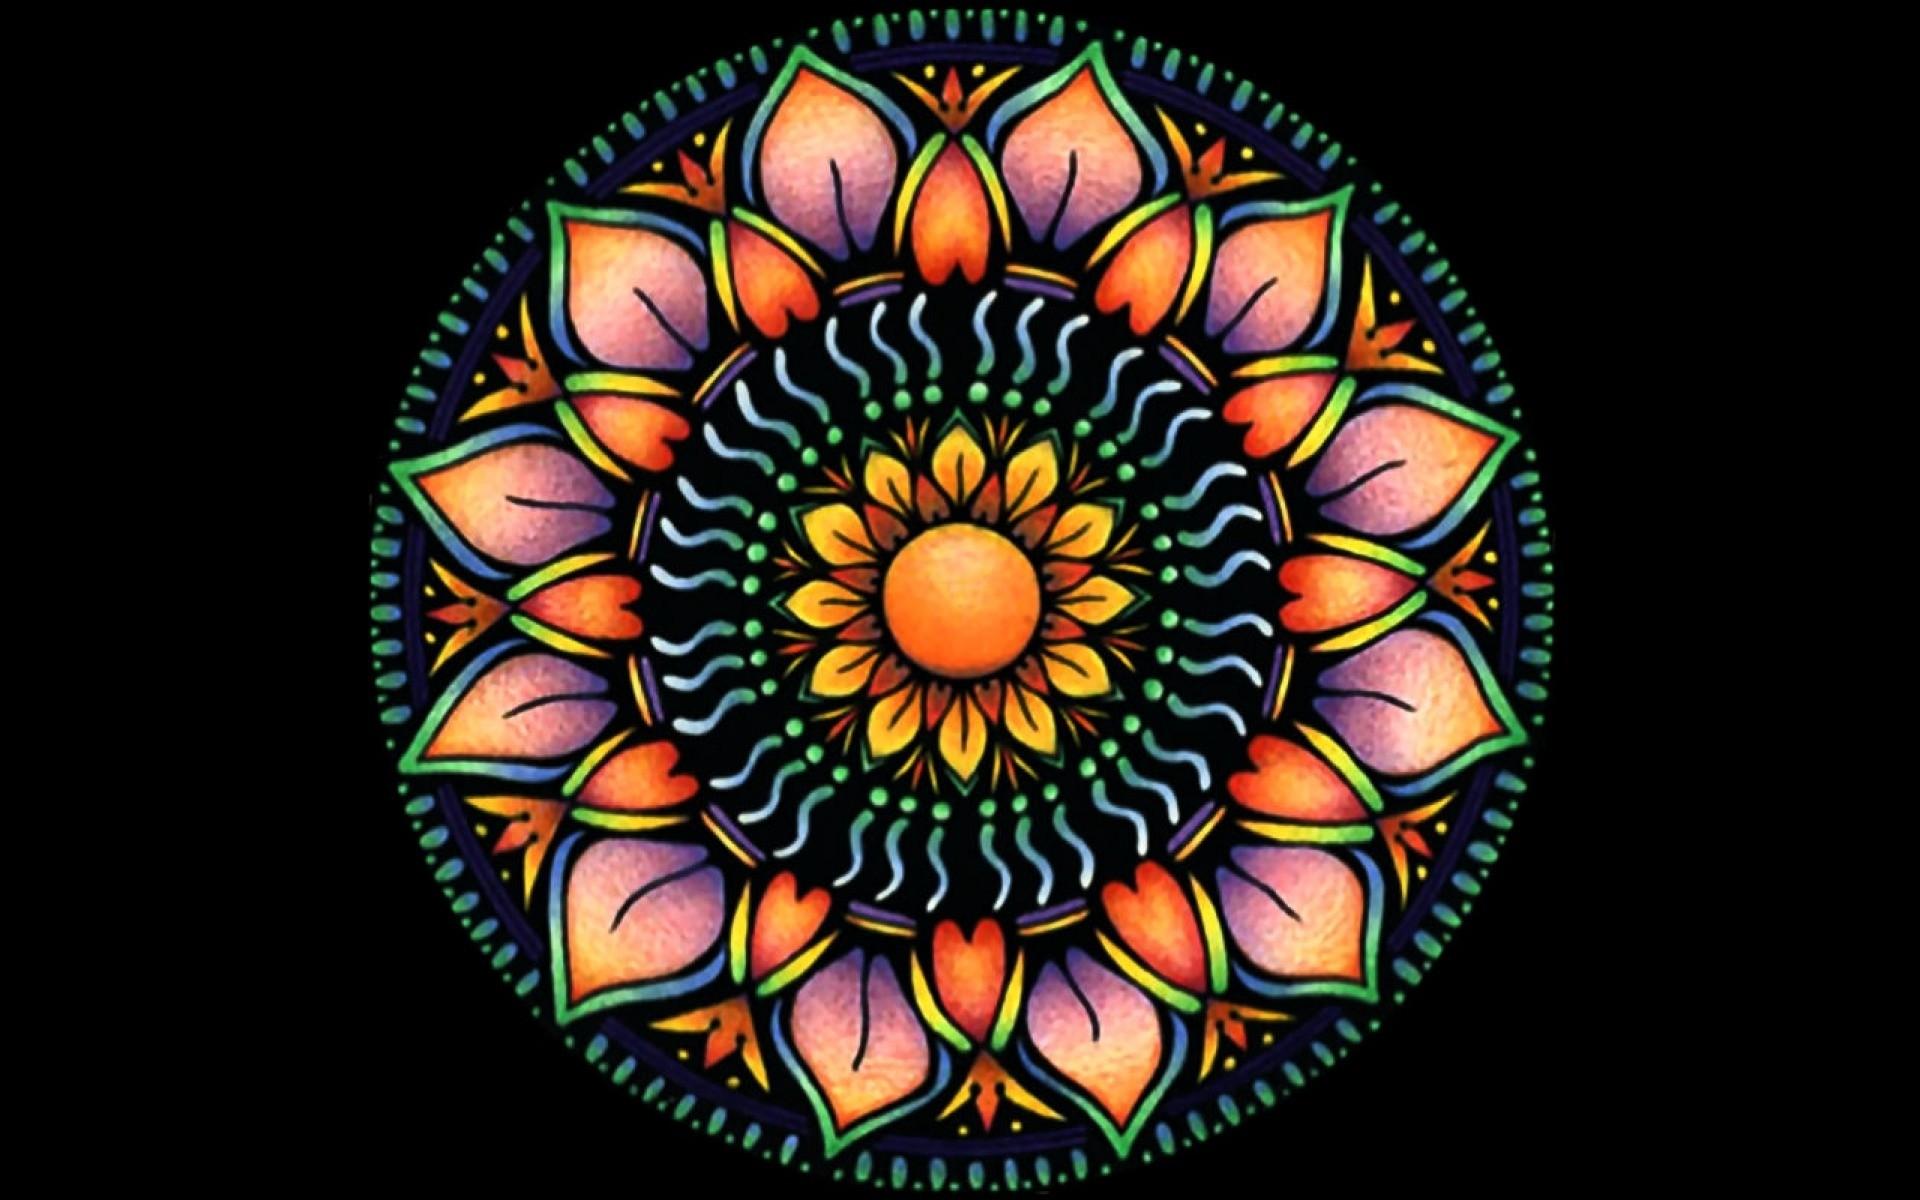 Mandala Wallpaper Desktop (61+ images)